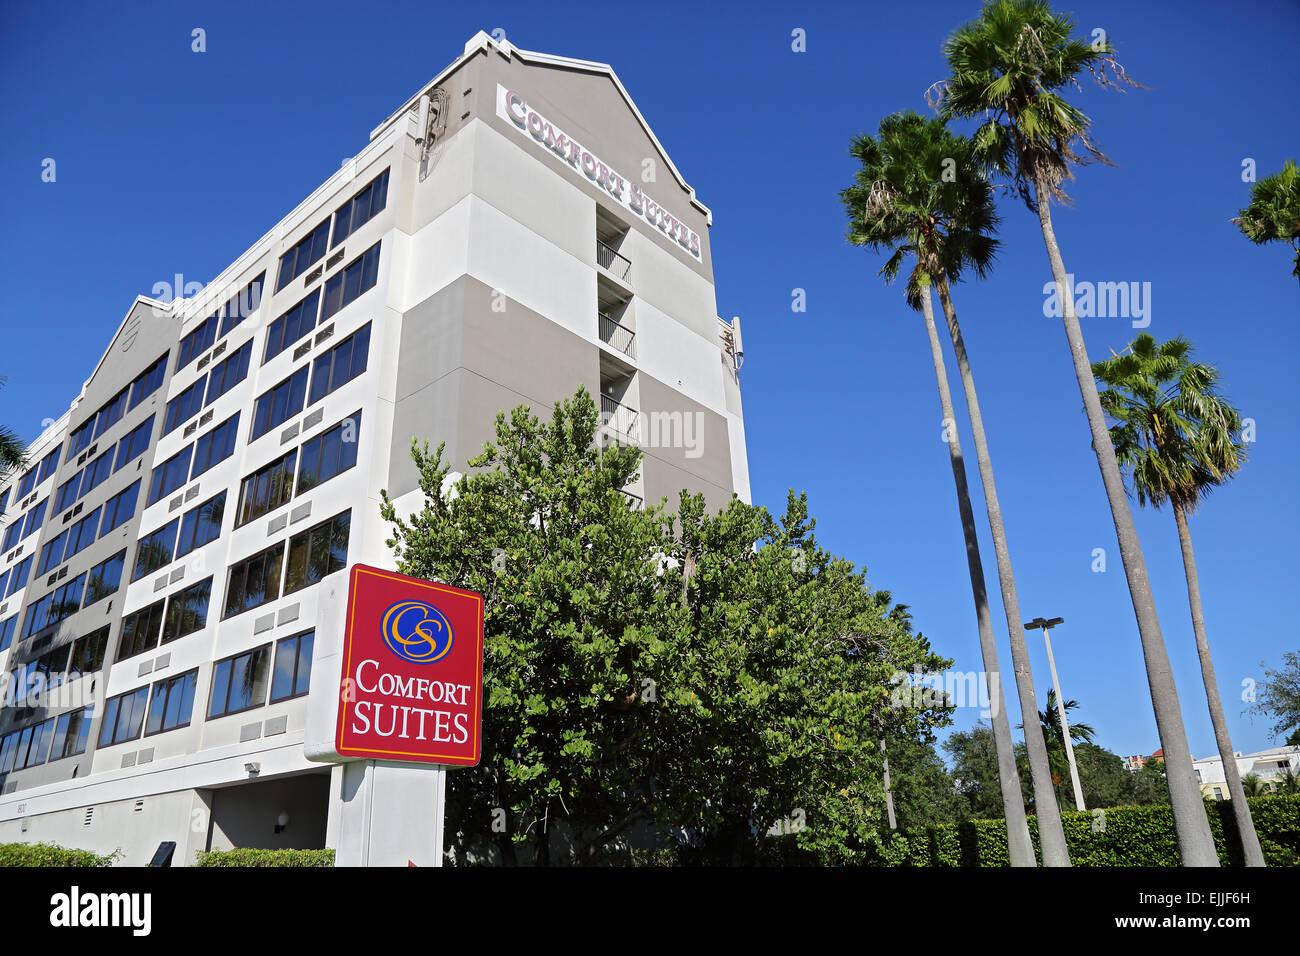 Comfort Suites hotel con suites Confort firmar al exterior, en Fort Lauderdale, Florida, EE.UU. Imagen De Stock